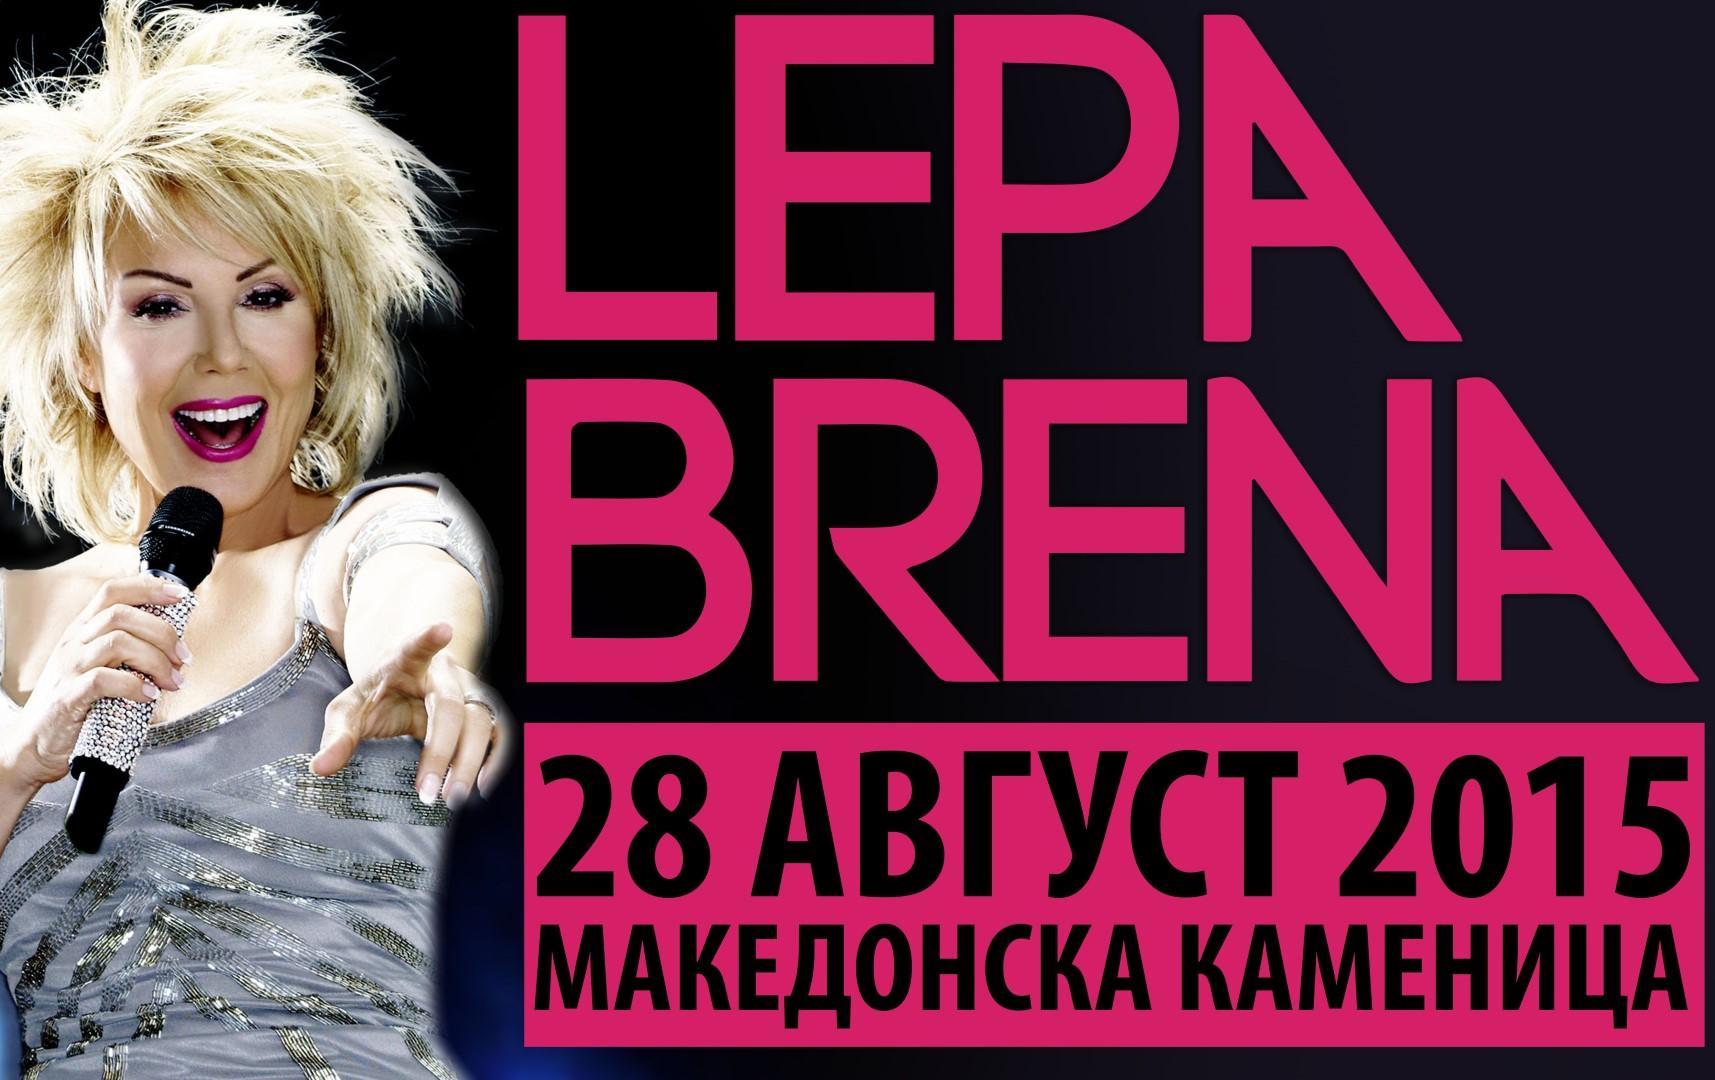 Лепа Брена со концерт во Македонска Каменица на 28 август